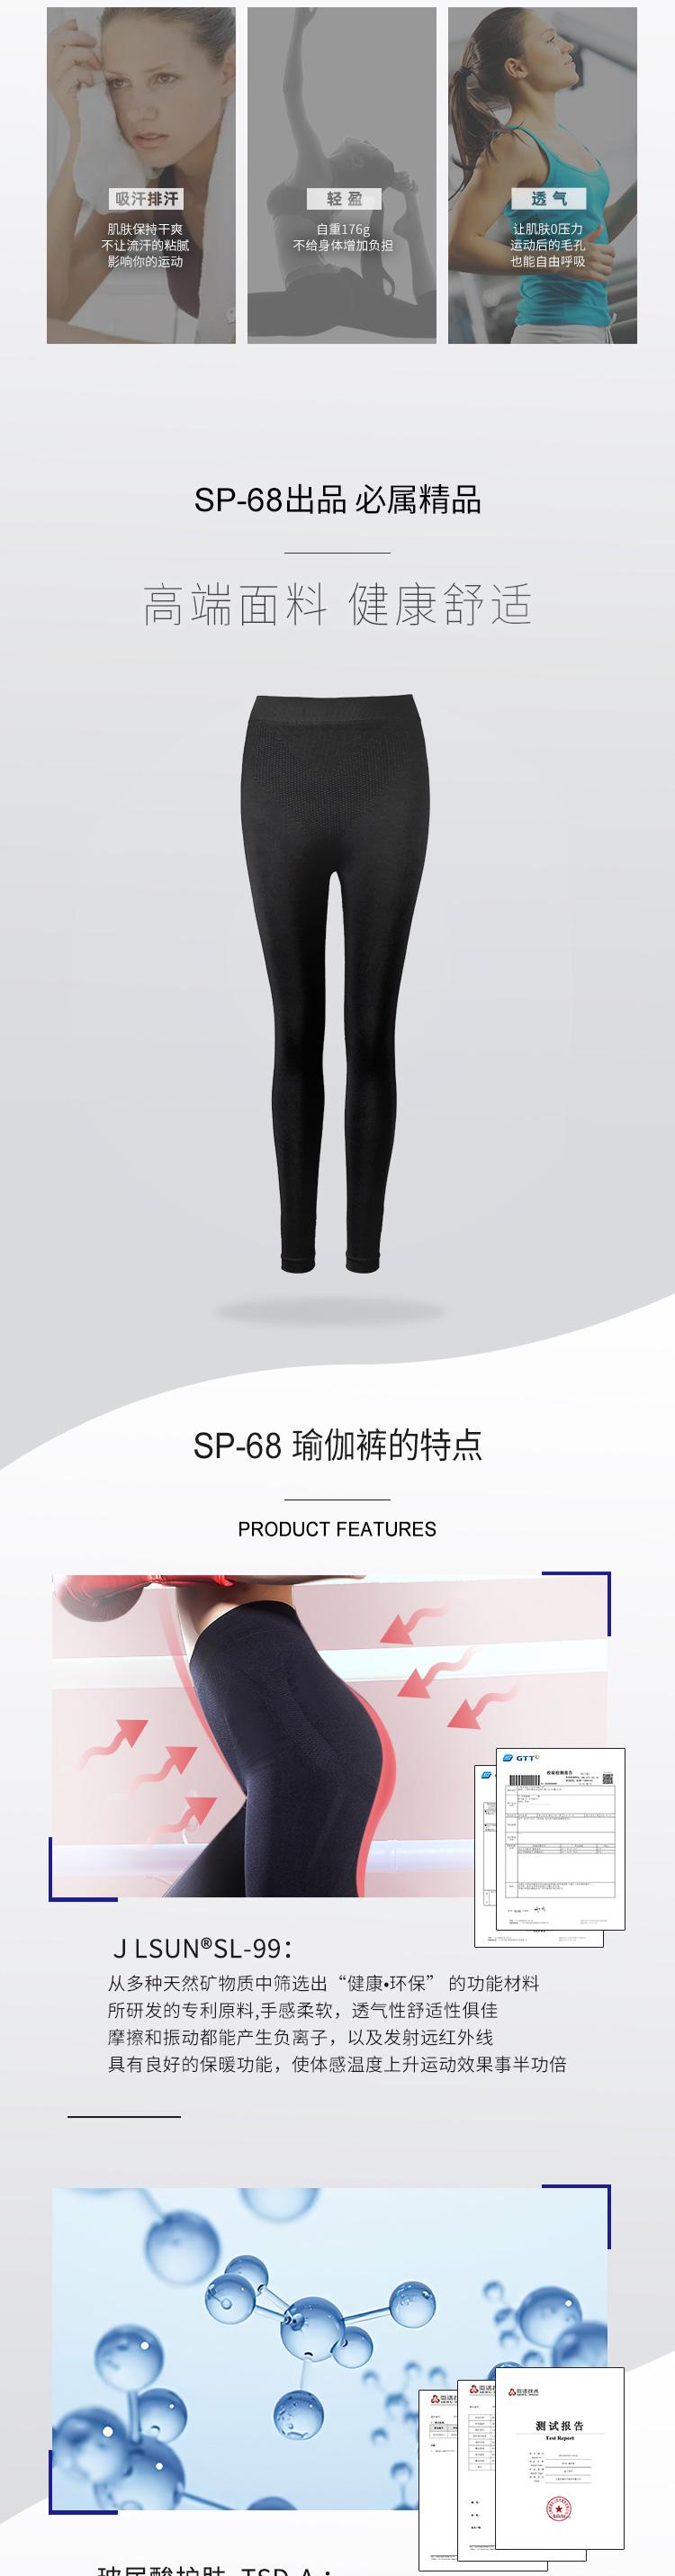 瑜伽裤_02.jpg